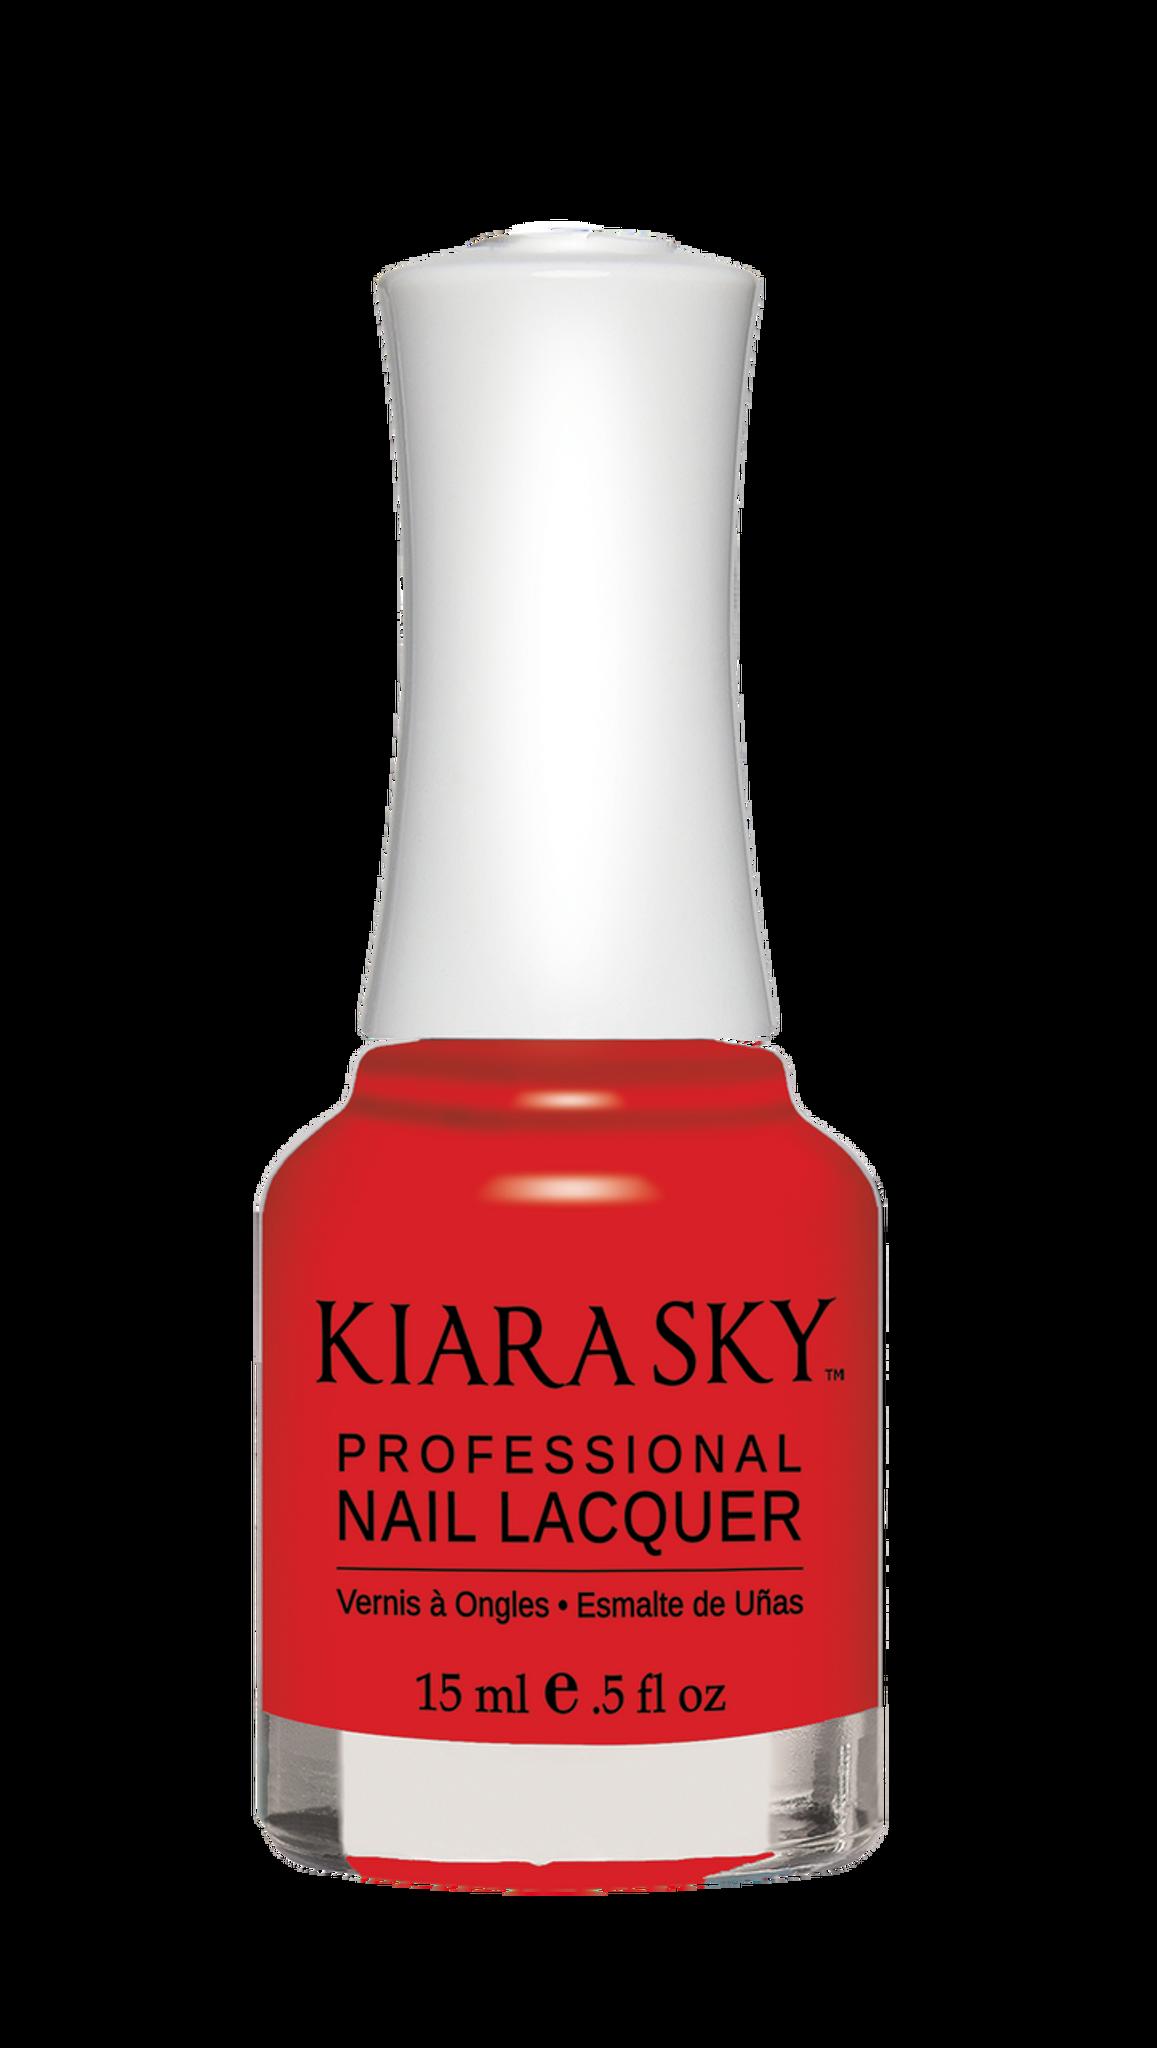 NAIL LACQUER - N577 DANGER - Kiara Sky Professional Nails